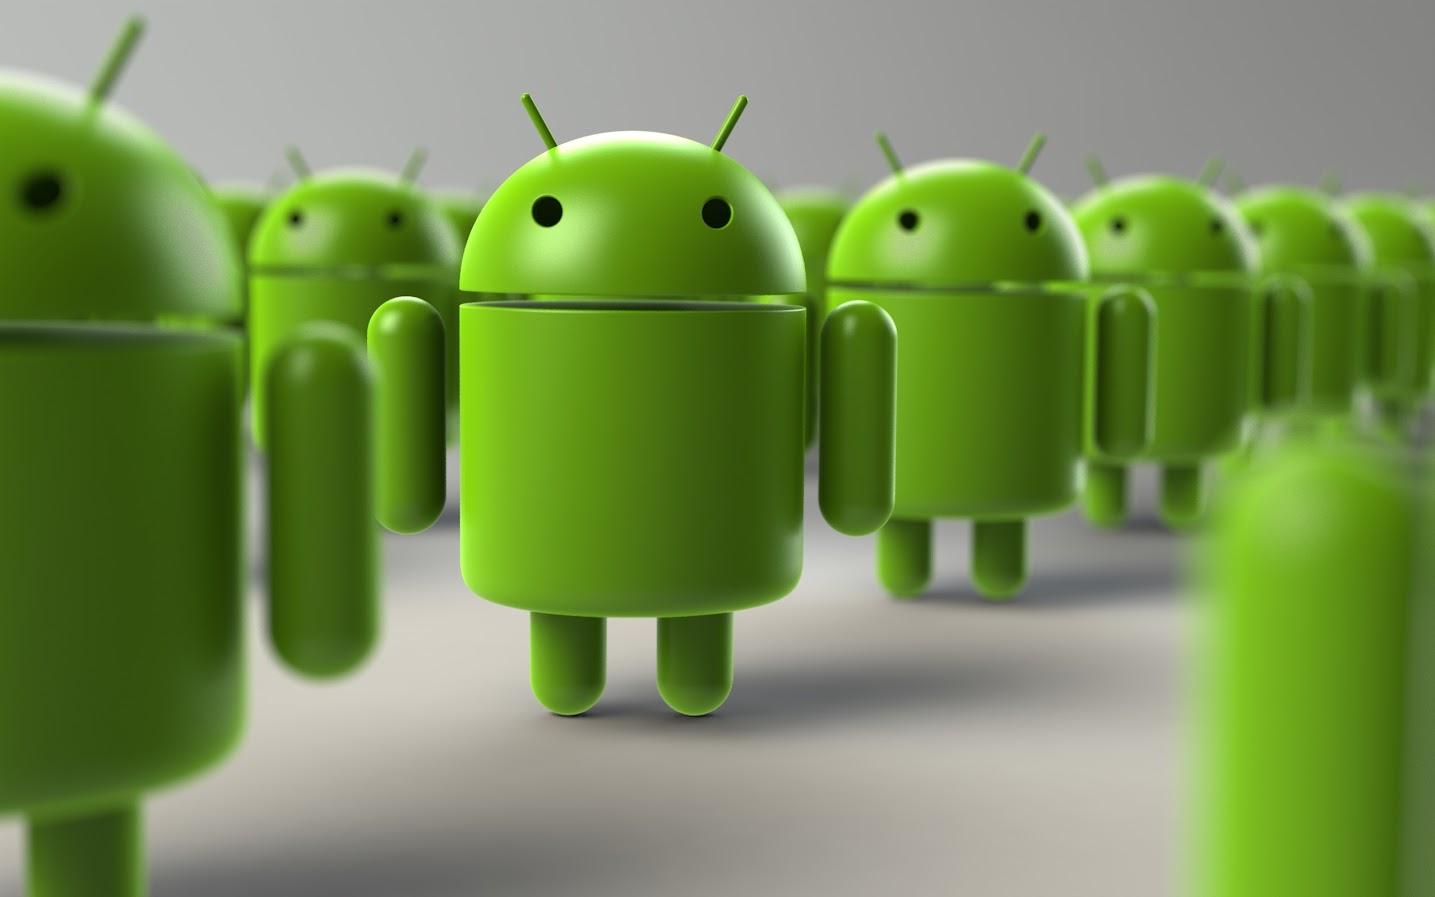 Le migliori App Android uscite questa settimana - 06/05/2016